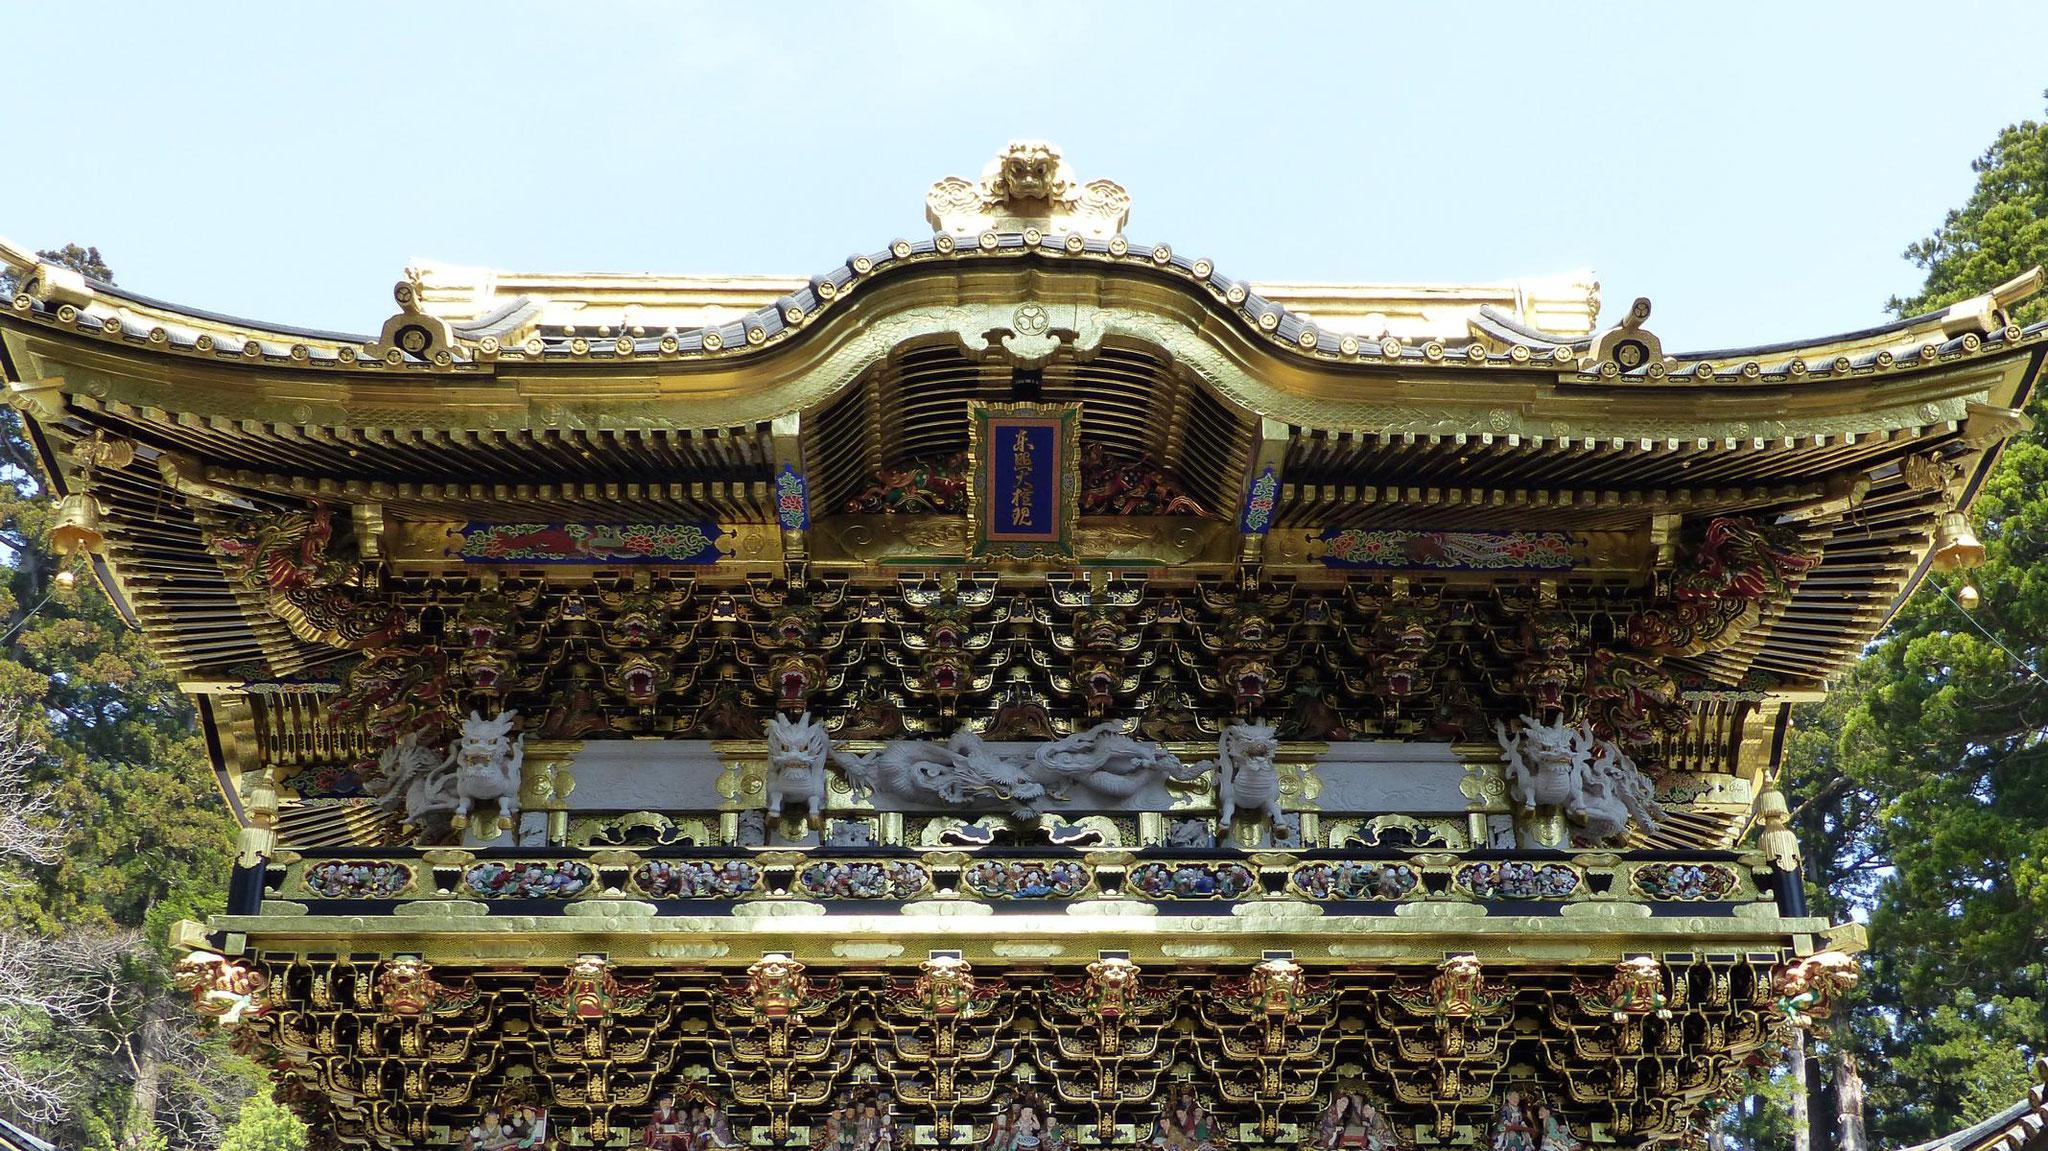 Das Yomeimon-Tor gilt als eines der schönsten Tore Japans und wird von 500 Schnitzereien verziert